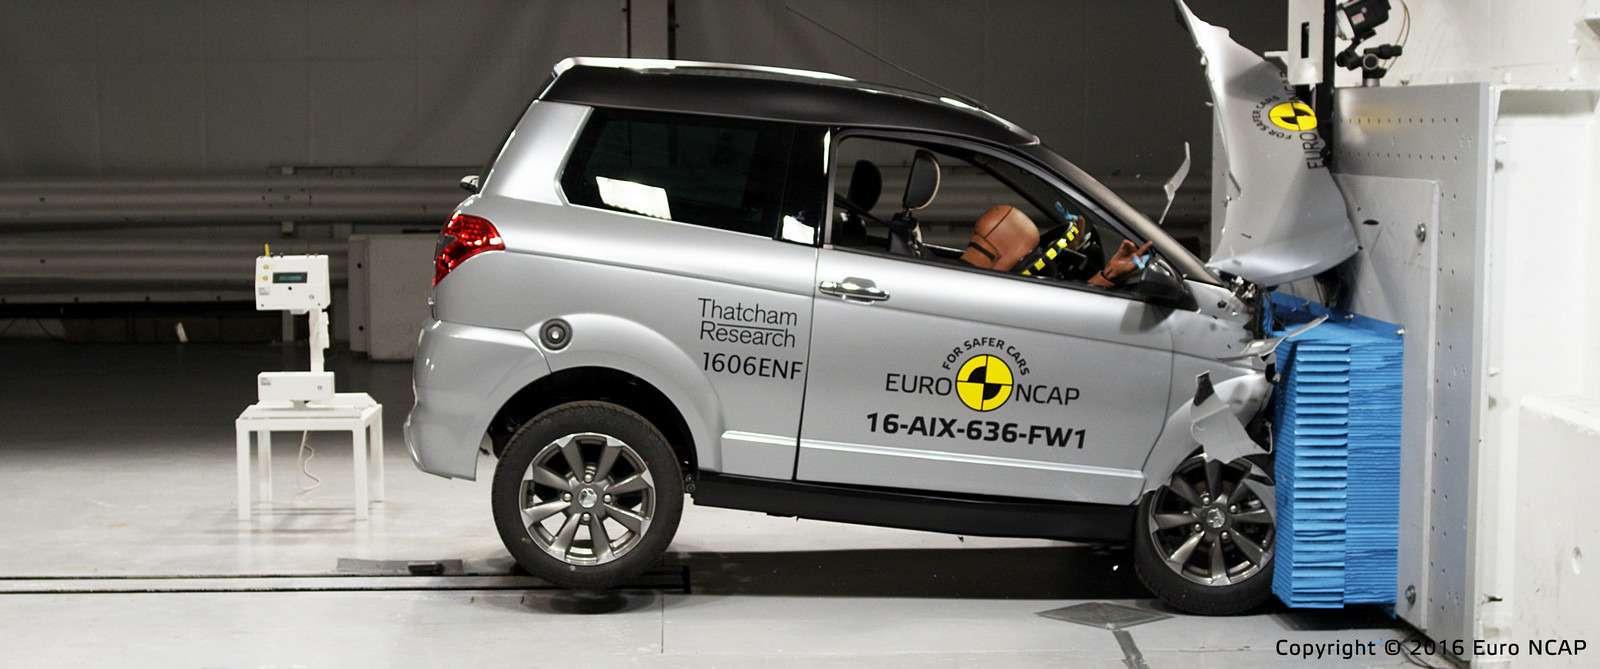 Euro NCAP огласил ужасающие результаты краш-тестов тяжелых квадроциклов— фото 573074